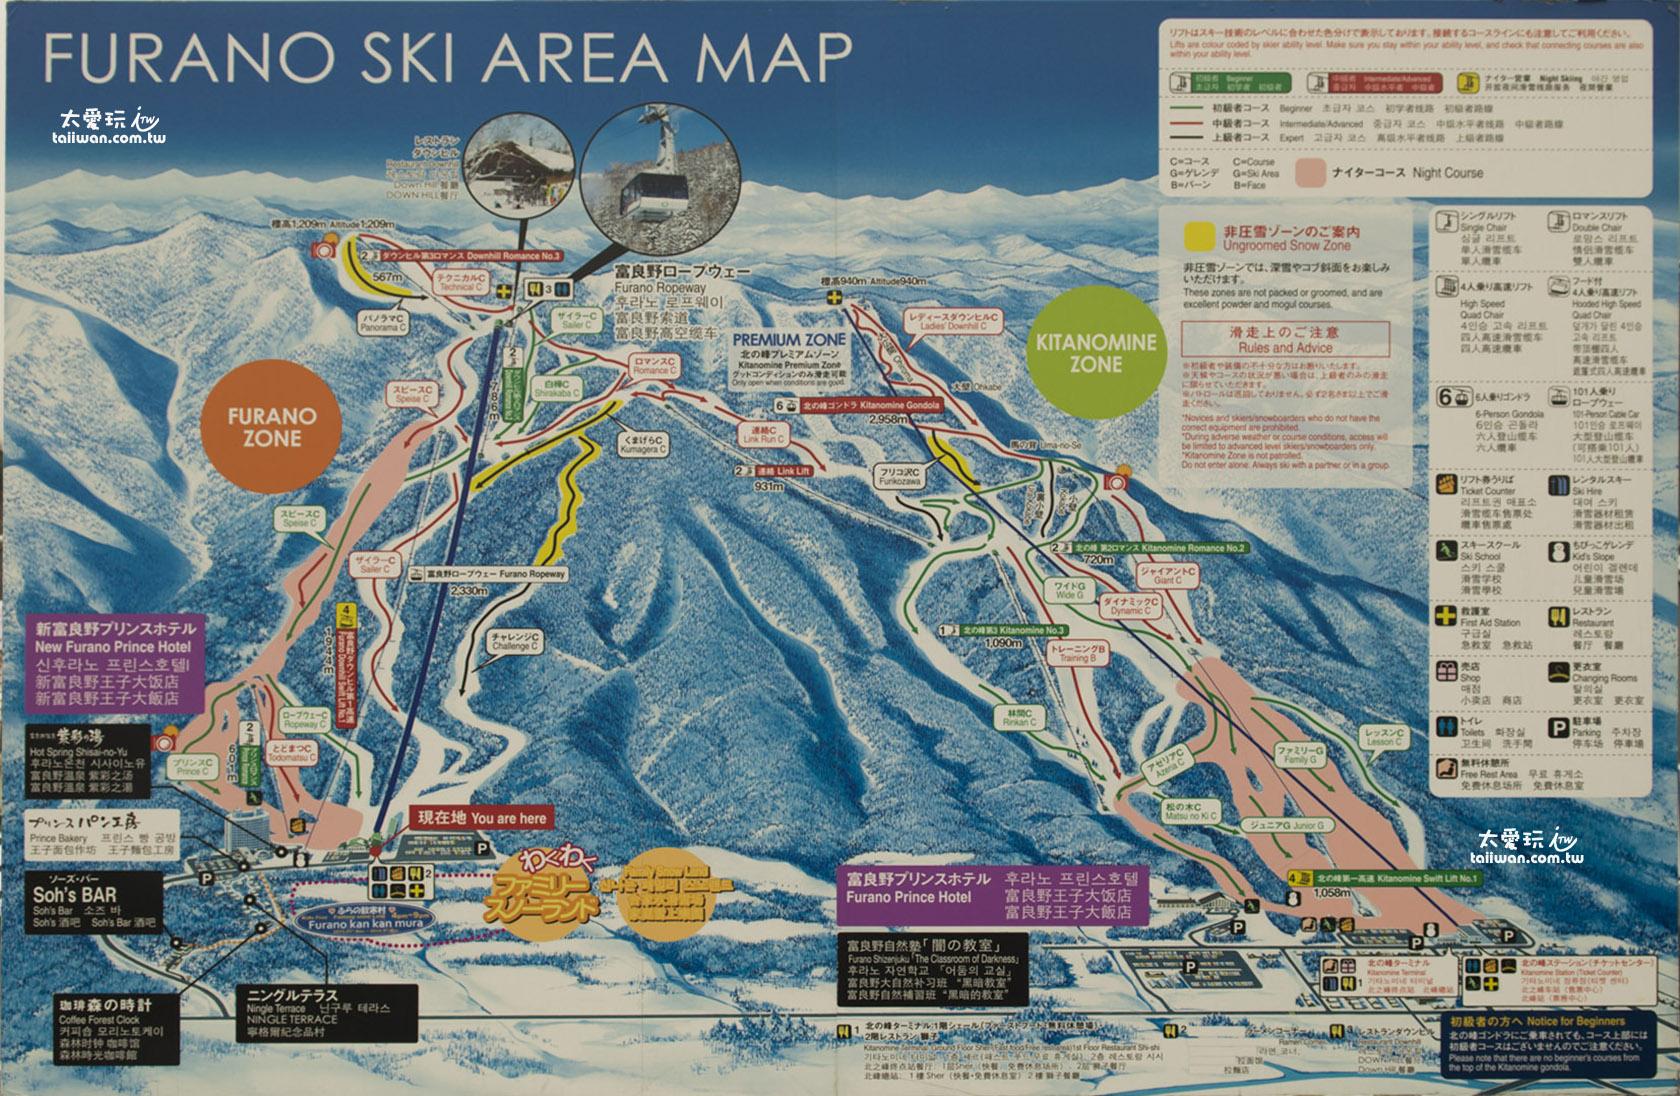 王子滑雪度假中心滑雪場範圍非常大(點我看大圖)